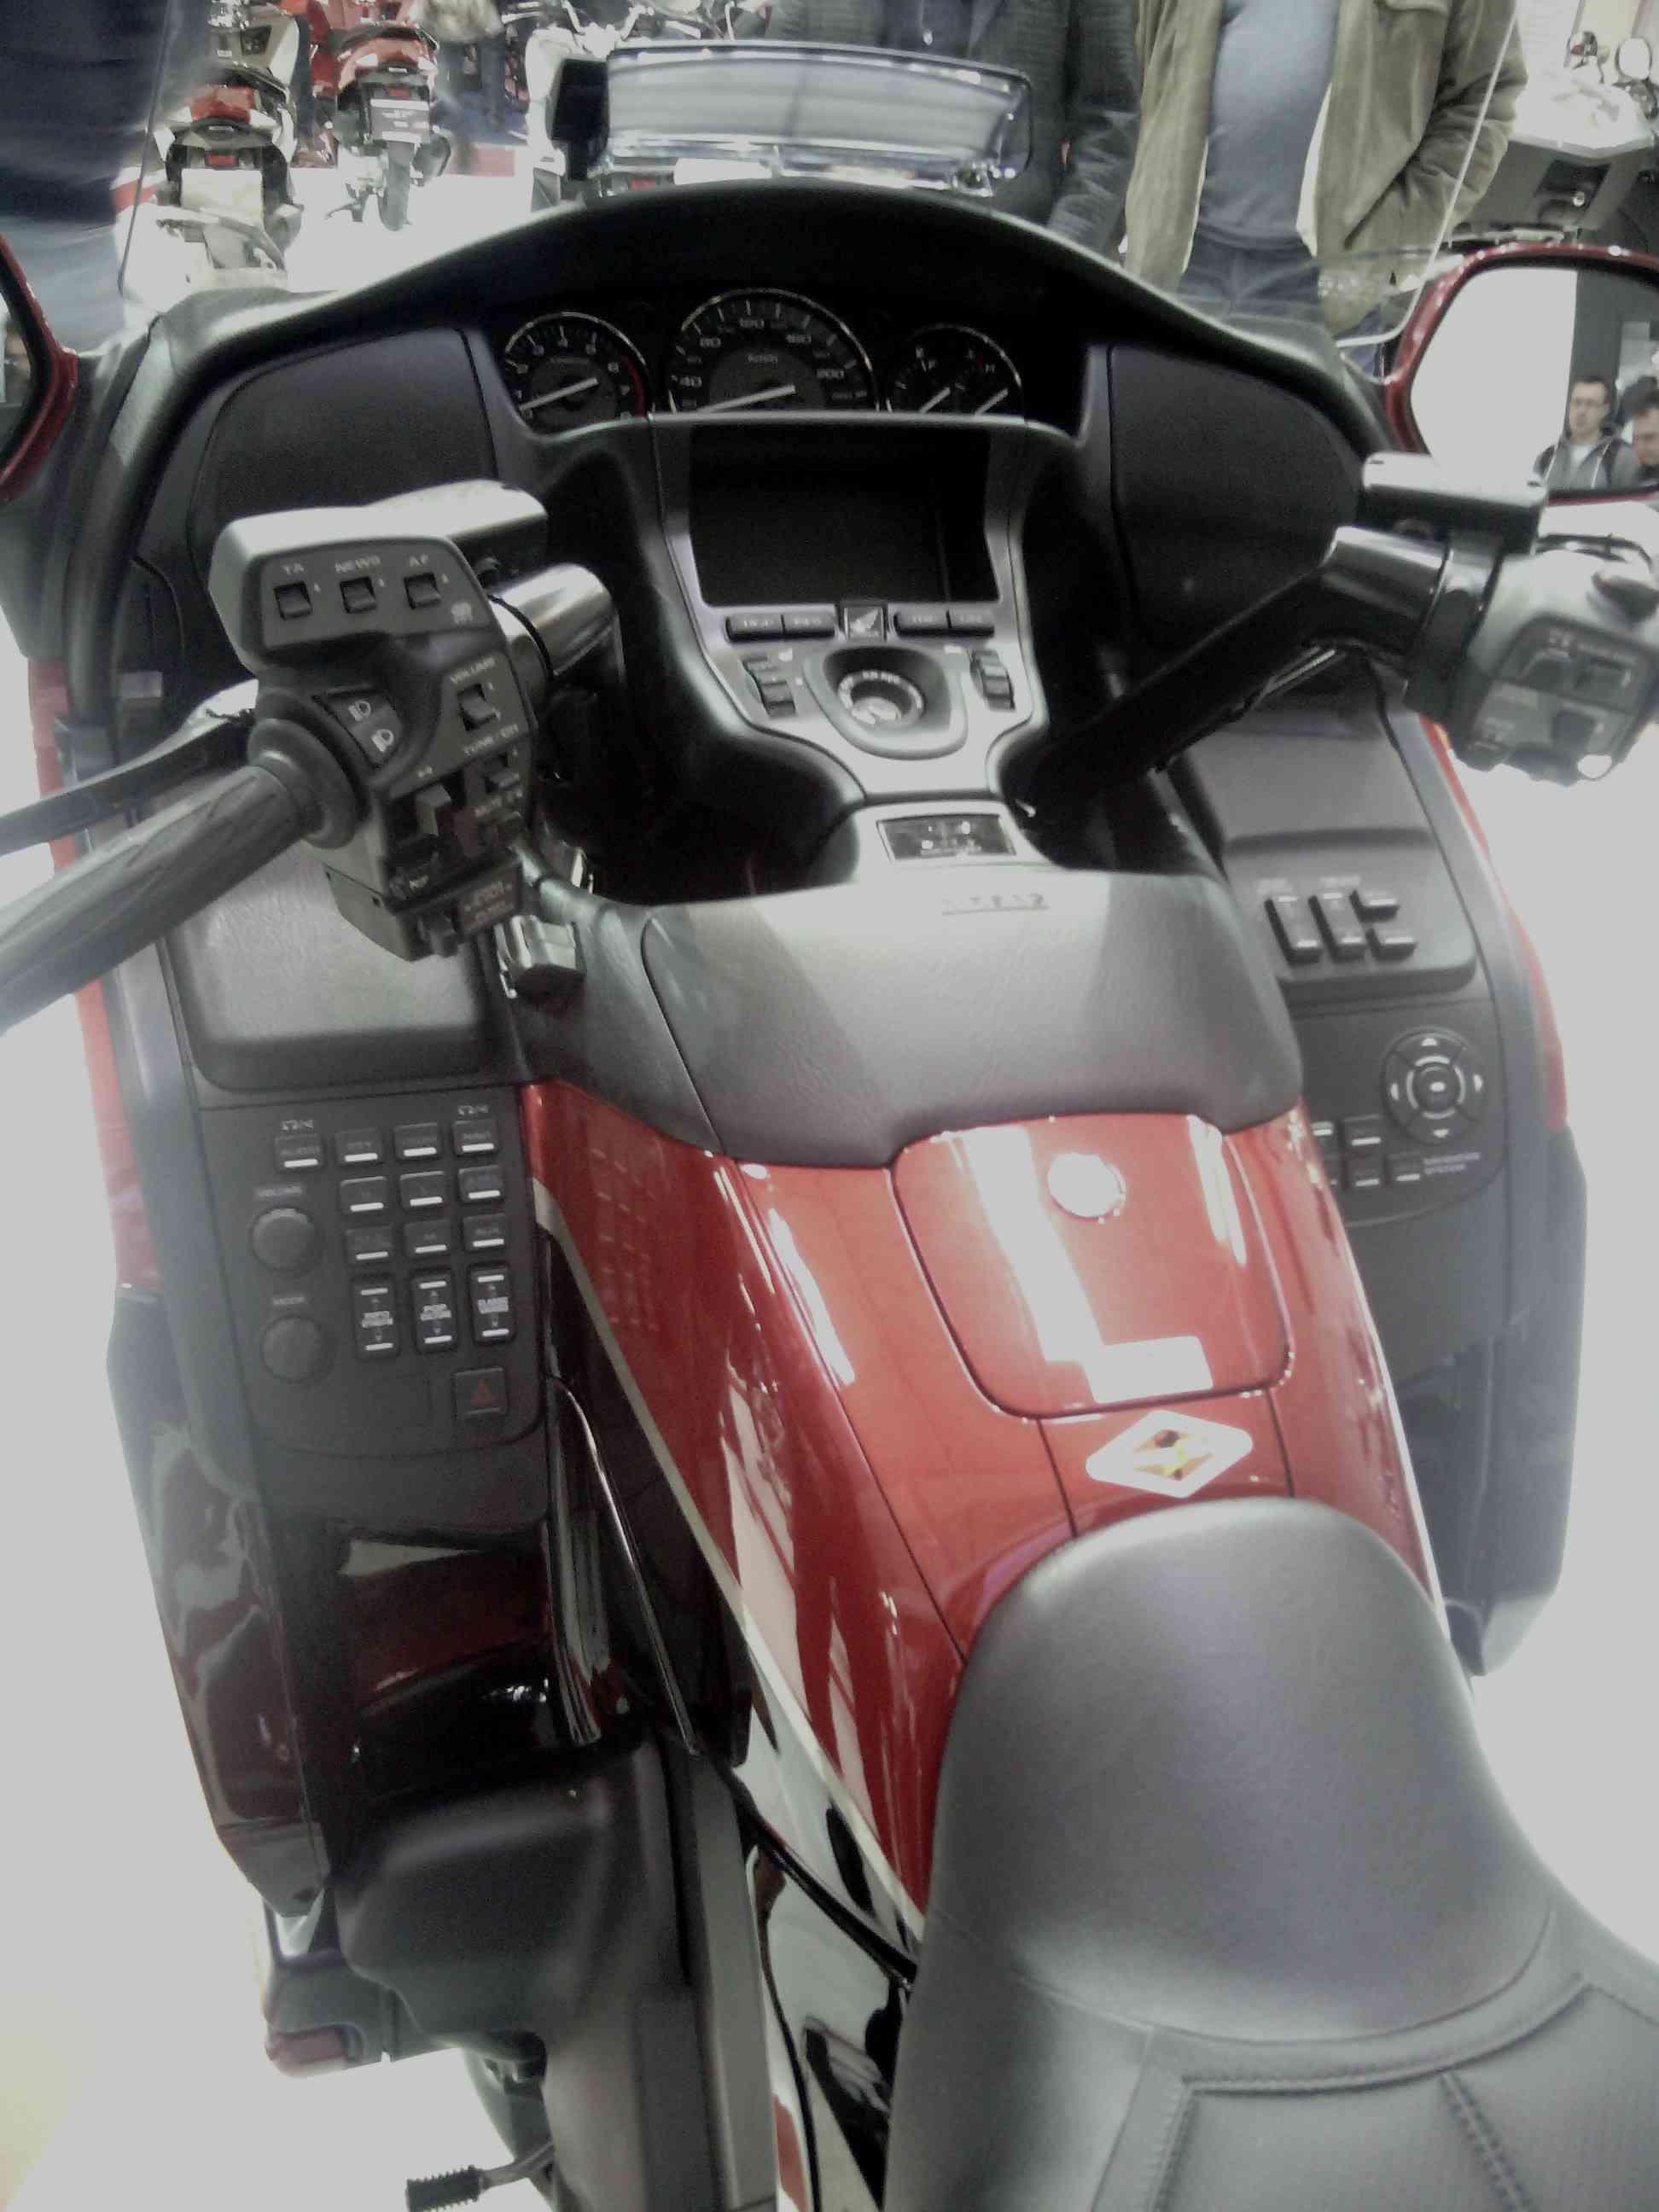 Έκθεση μοτοσυκλέτας 2015 στην Μπρατισλάβα - Σελίδα 2 Img_2031